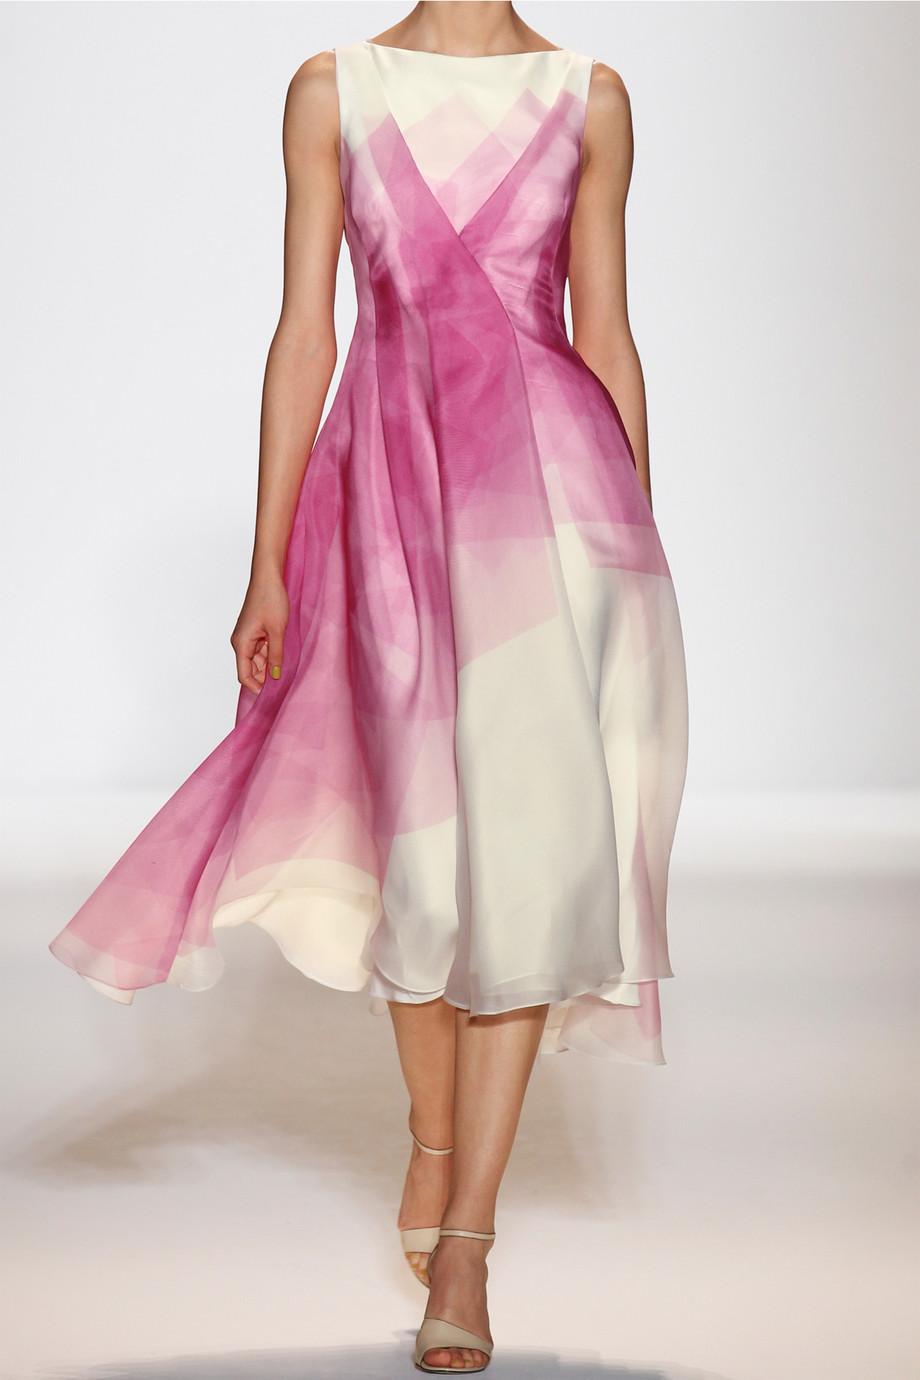 Organza Rose Dress_Other dresses_dressesss